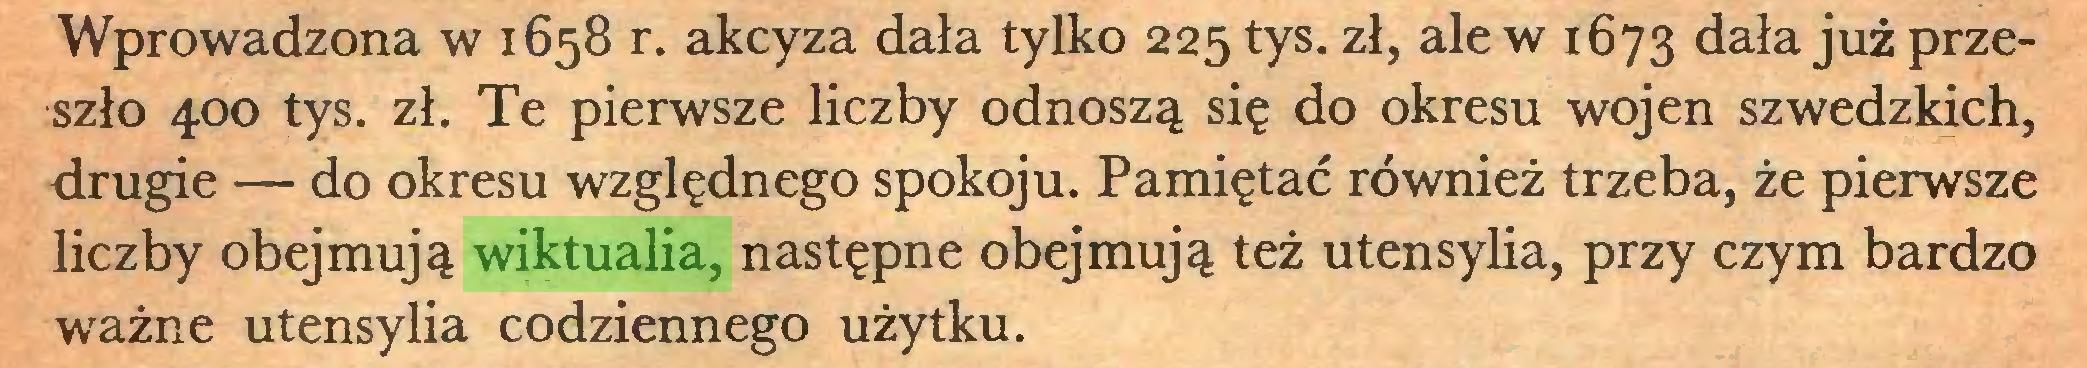 (...) Wprowadzona w 1658 r. akcyza dała tylko 225 tys. zł, ale w 1673 dała już przeszło 400 tys. zł. Te pierwsze liczby odnoszą się do okresu wojen szwedzkich, drugie — do okresu względnego spokoju. Pamiętać również trzeba, że pierwsze liczby obejmują wiktualia, następne obejmują też utensylia, przy czym bardzo ważne utensylia codziennego użytku...